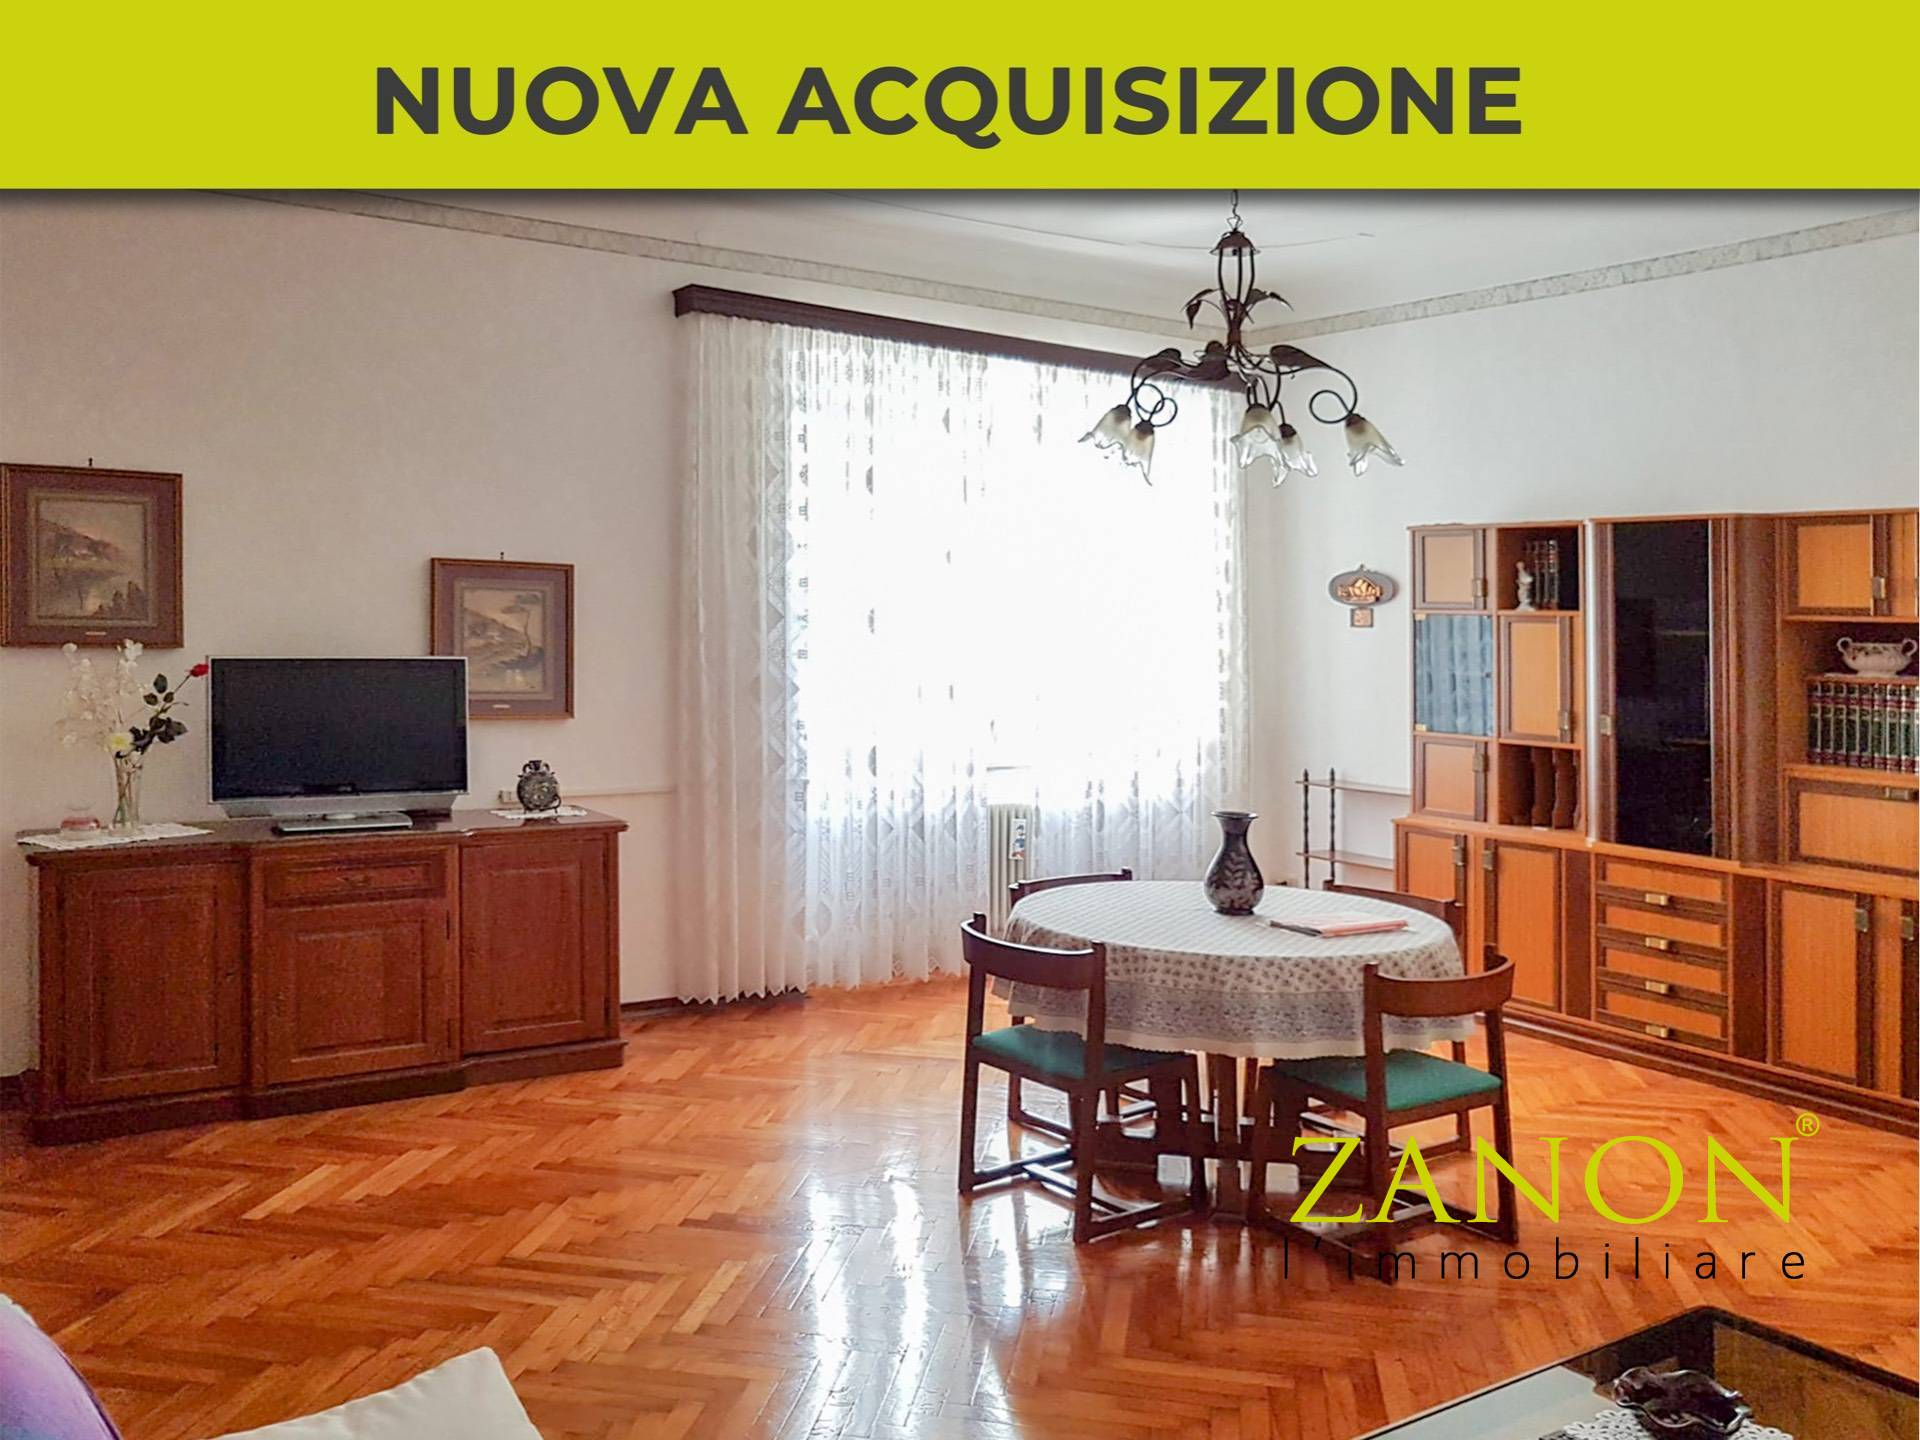 Appartamento in vendita a Gorizia, 6 locali, zona Località: Centrostorico, prezzo € 129.000   PortaleAgenzieImmobiliari.it